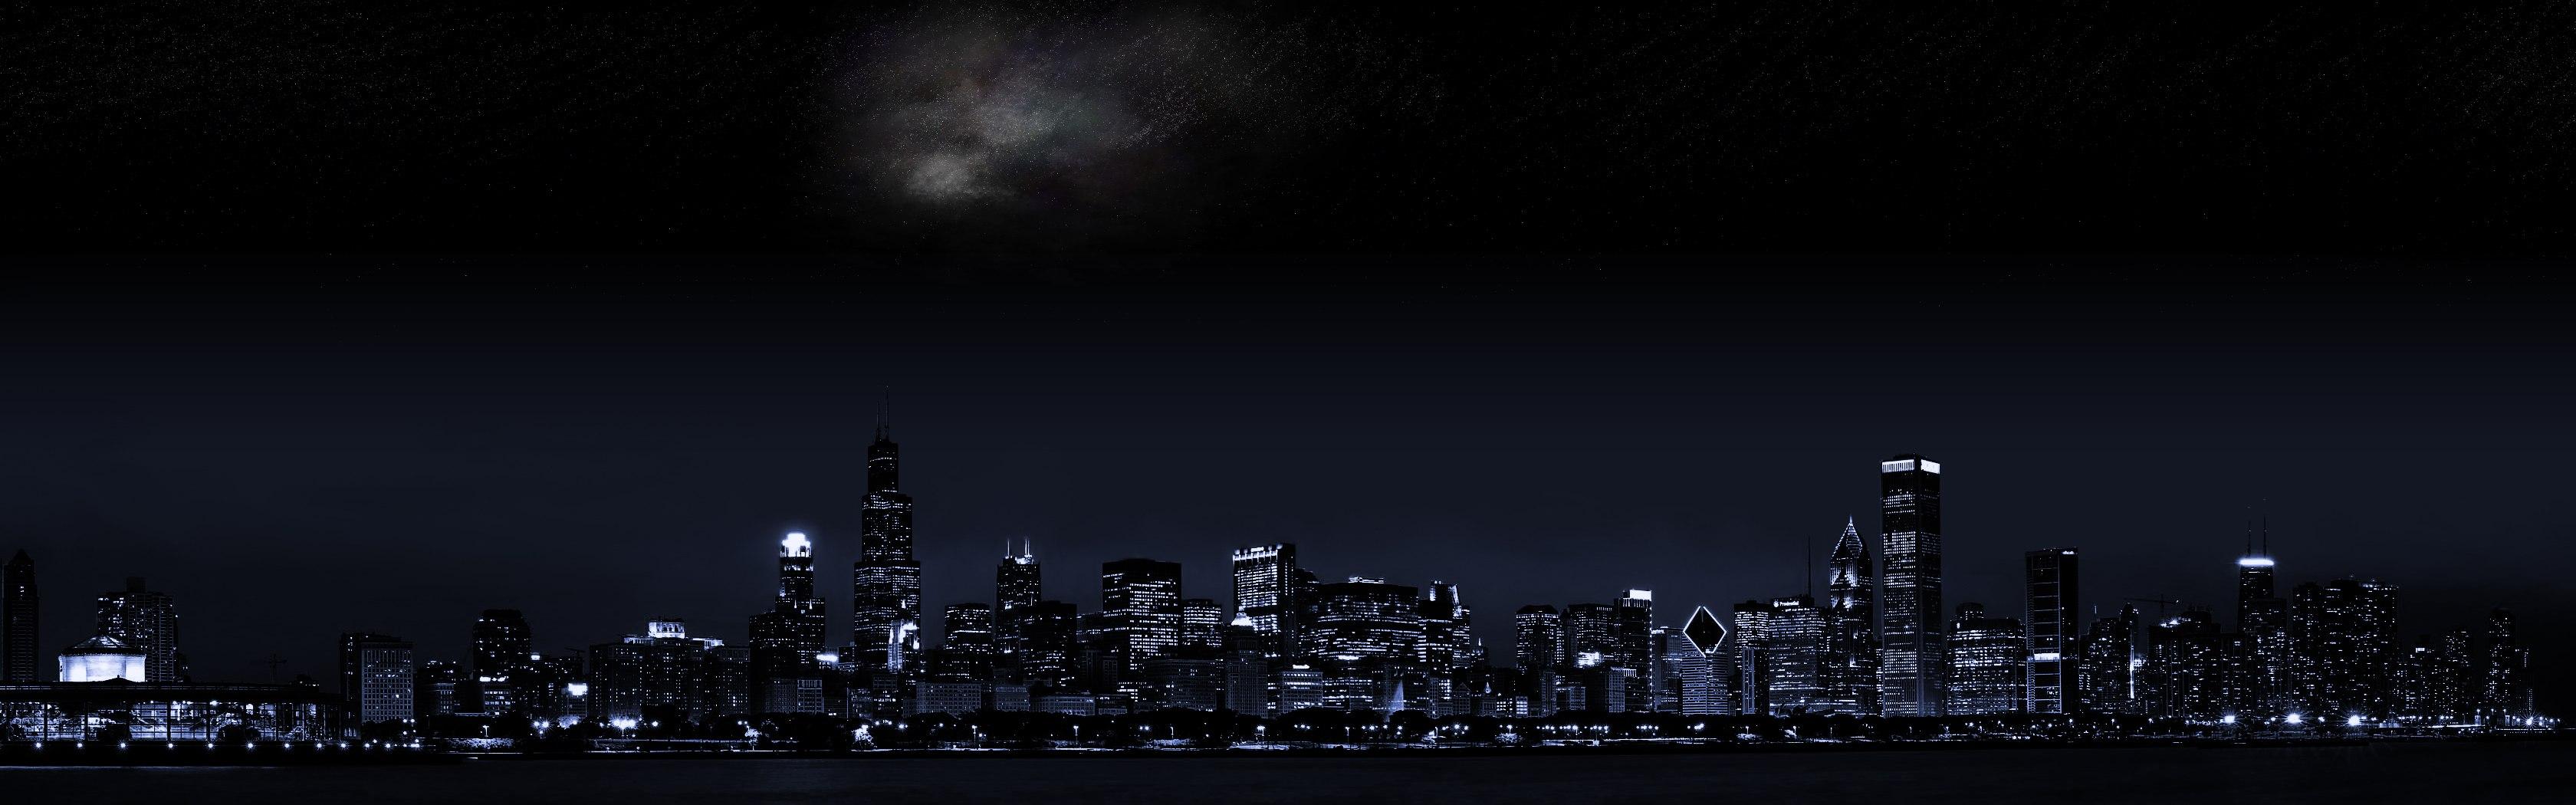 Dark city wallpaper 3360x1050 HQ WALLPAPER   25534 3360x1050